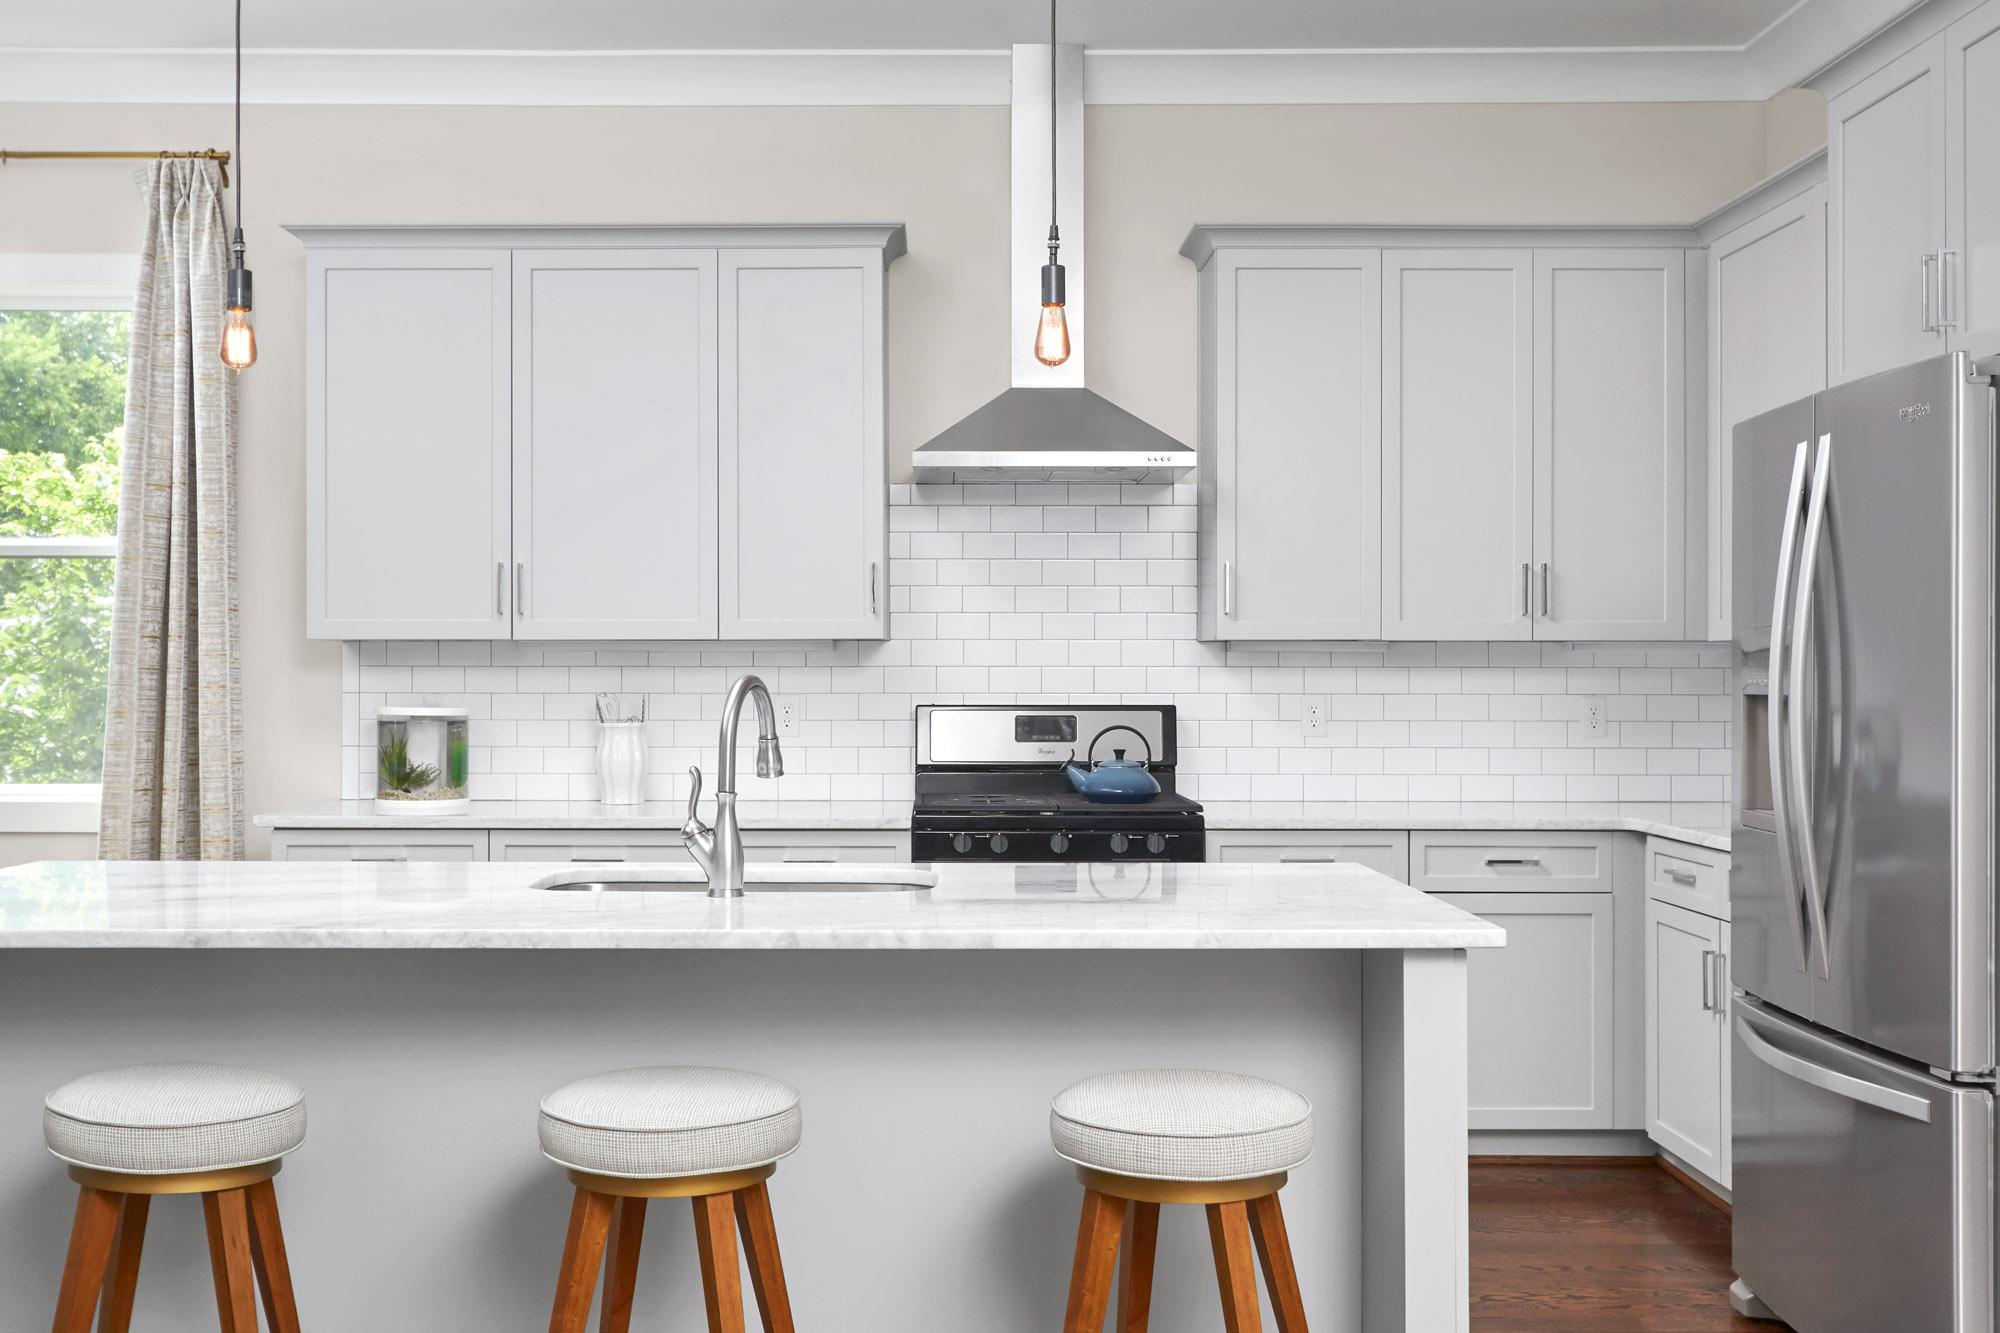 Fielder Williams Strain fiwist Nashville architectural Photographer kitchen interior design copy.jpg